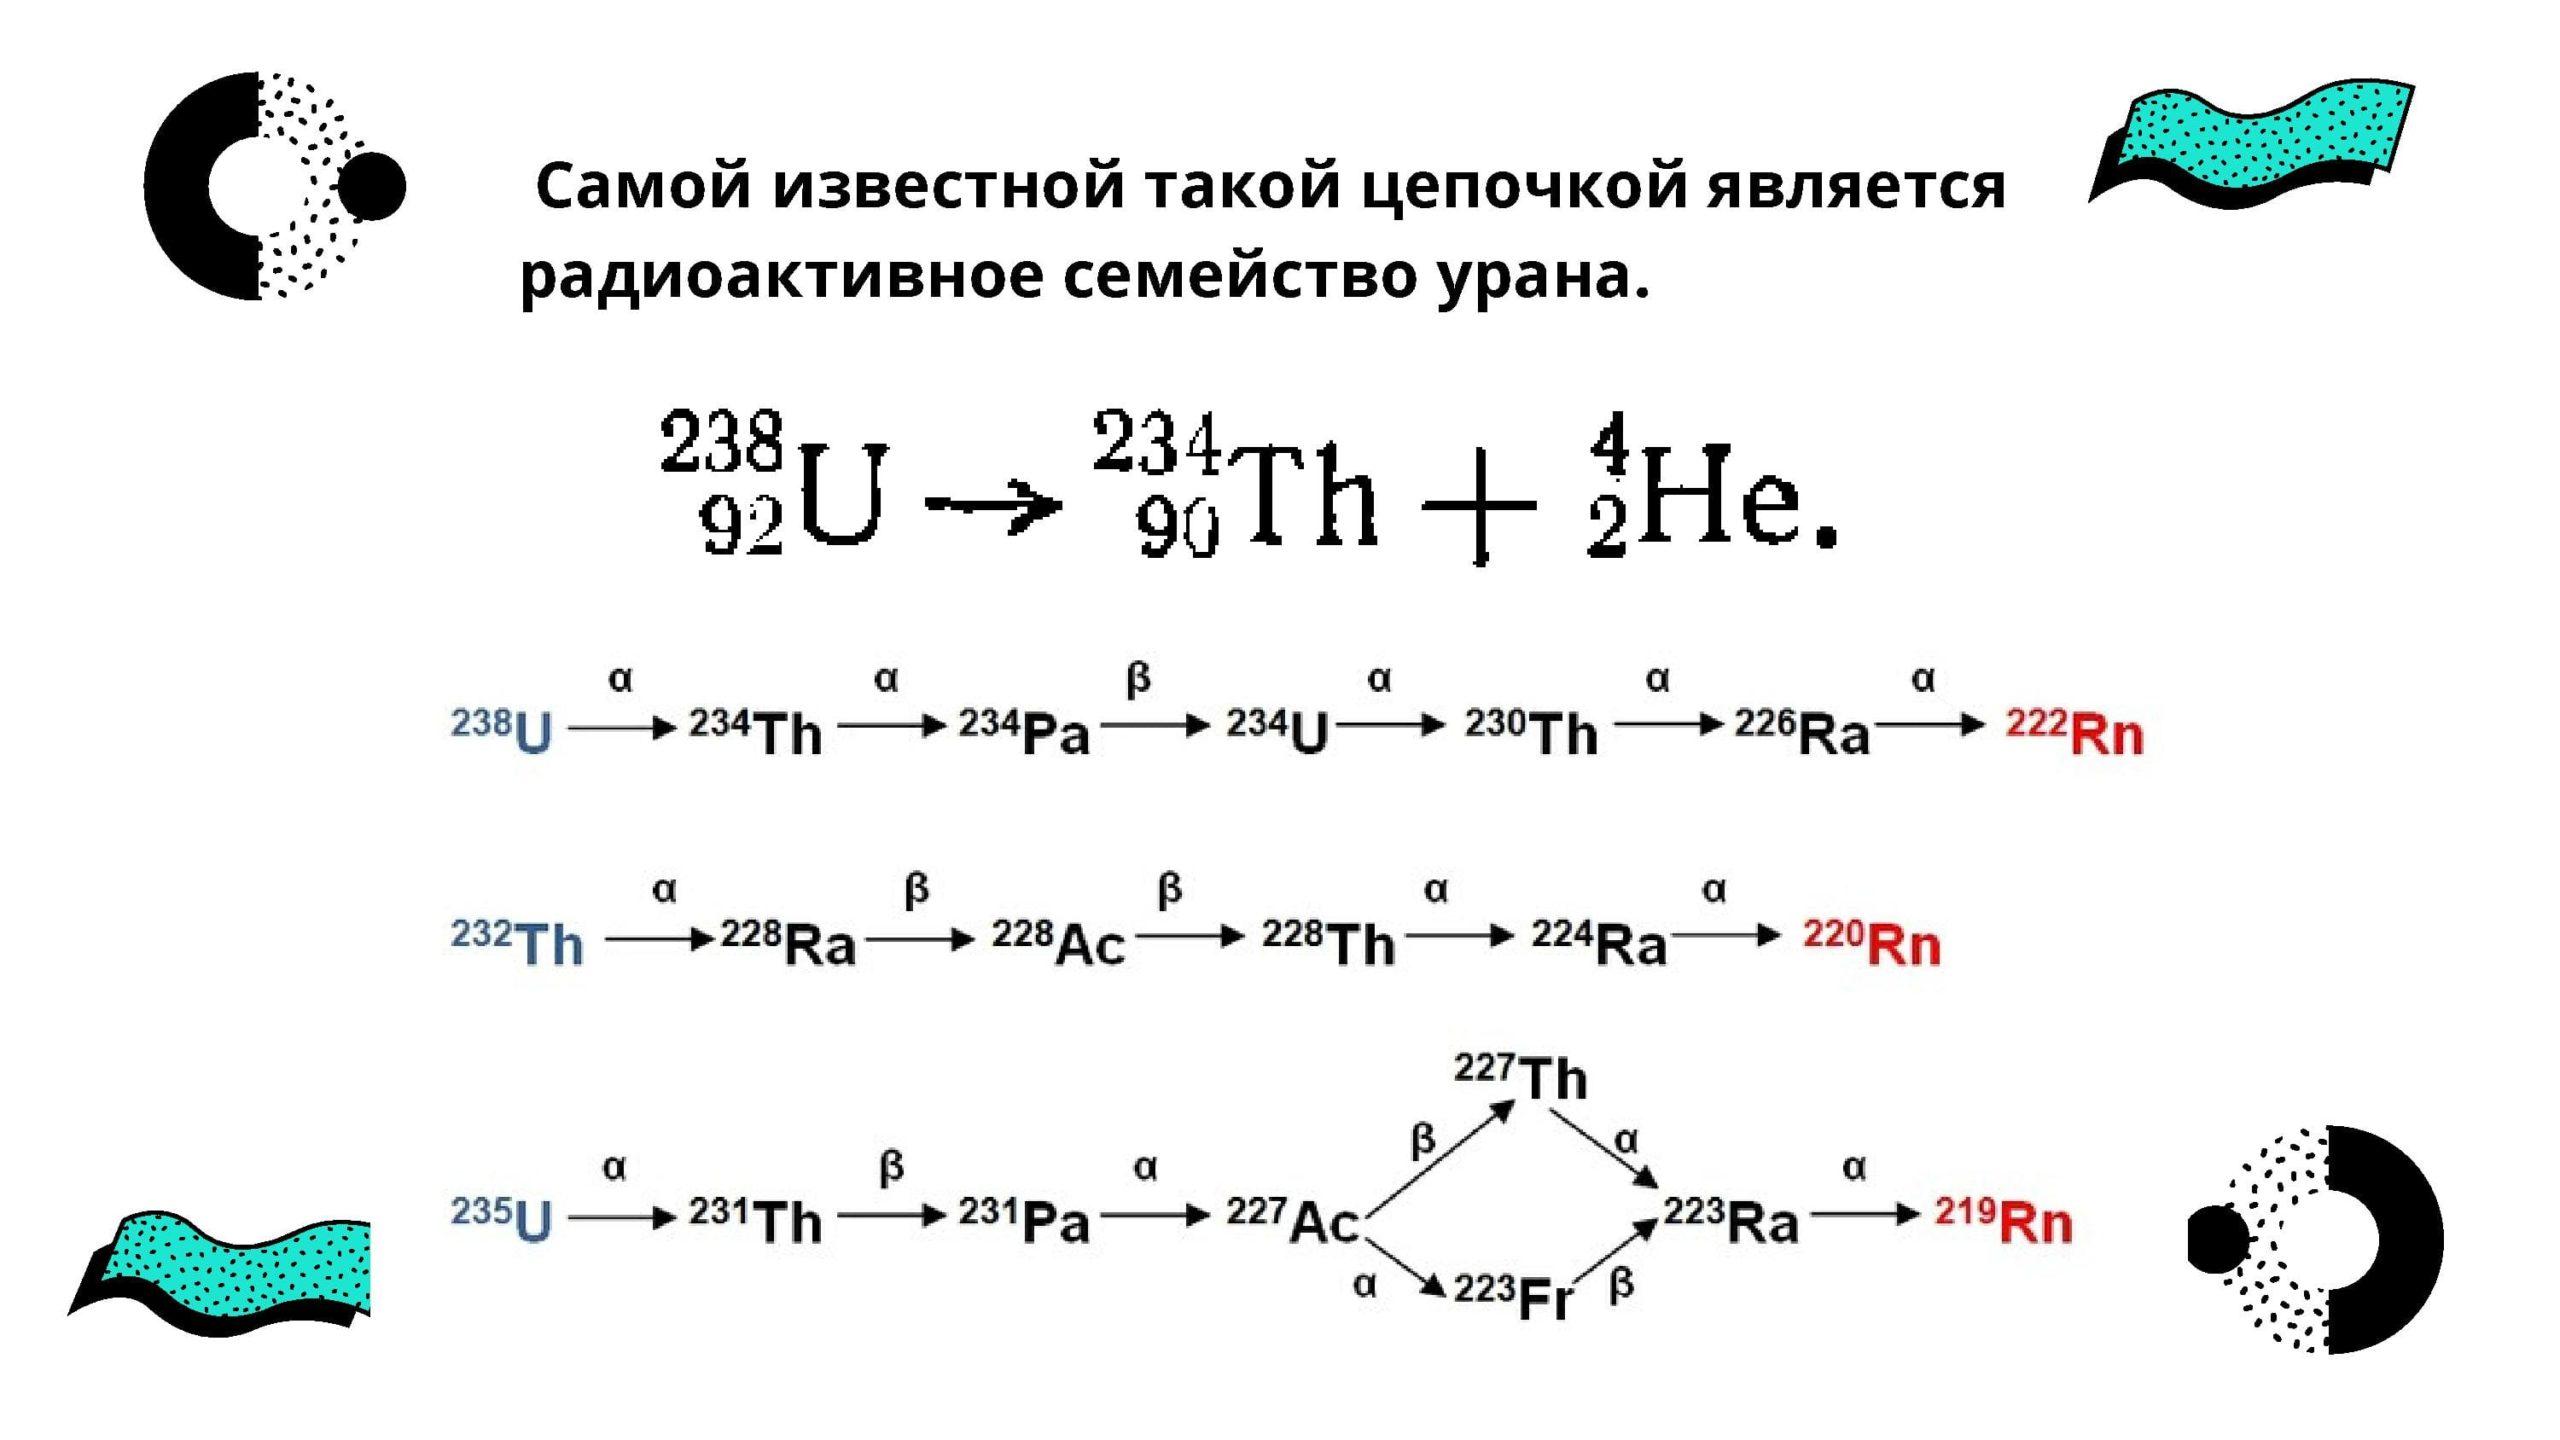 Самой известной такой цепочкой является радиоактивное семейство урана